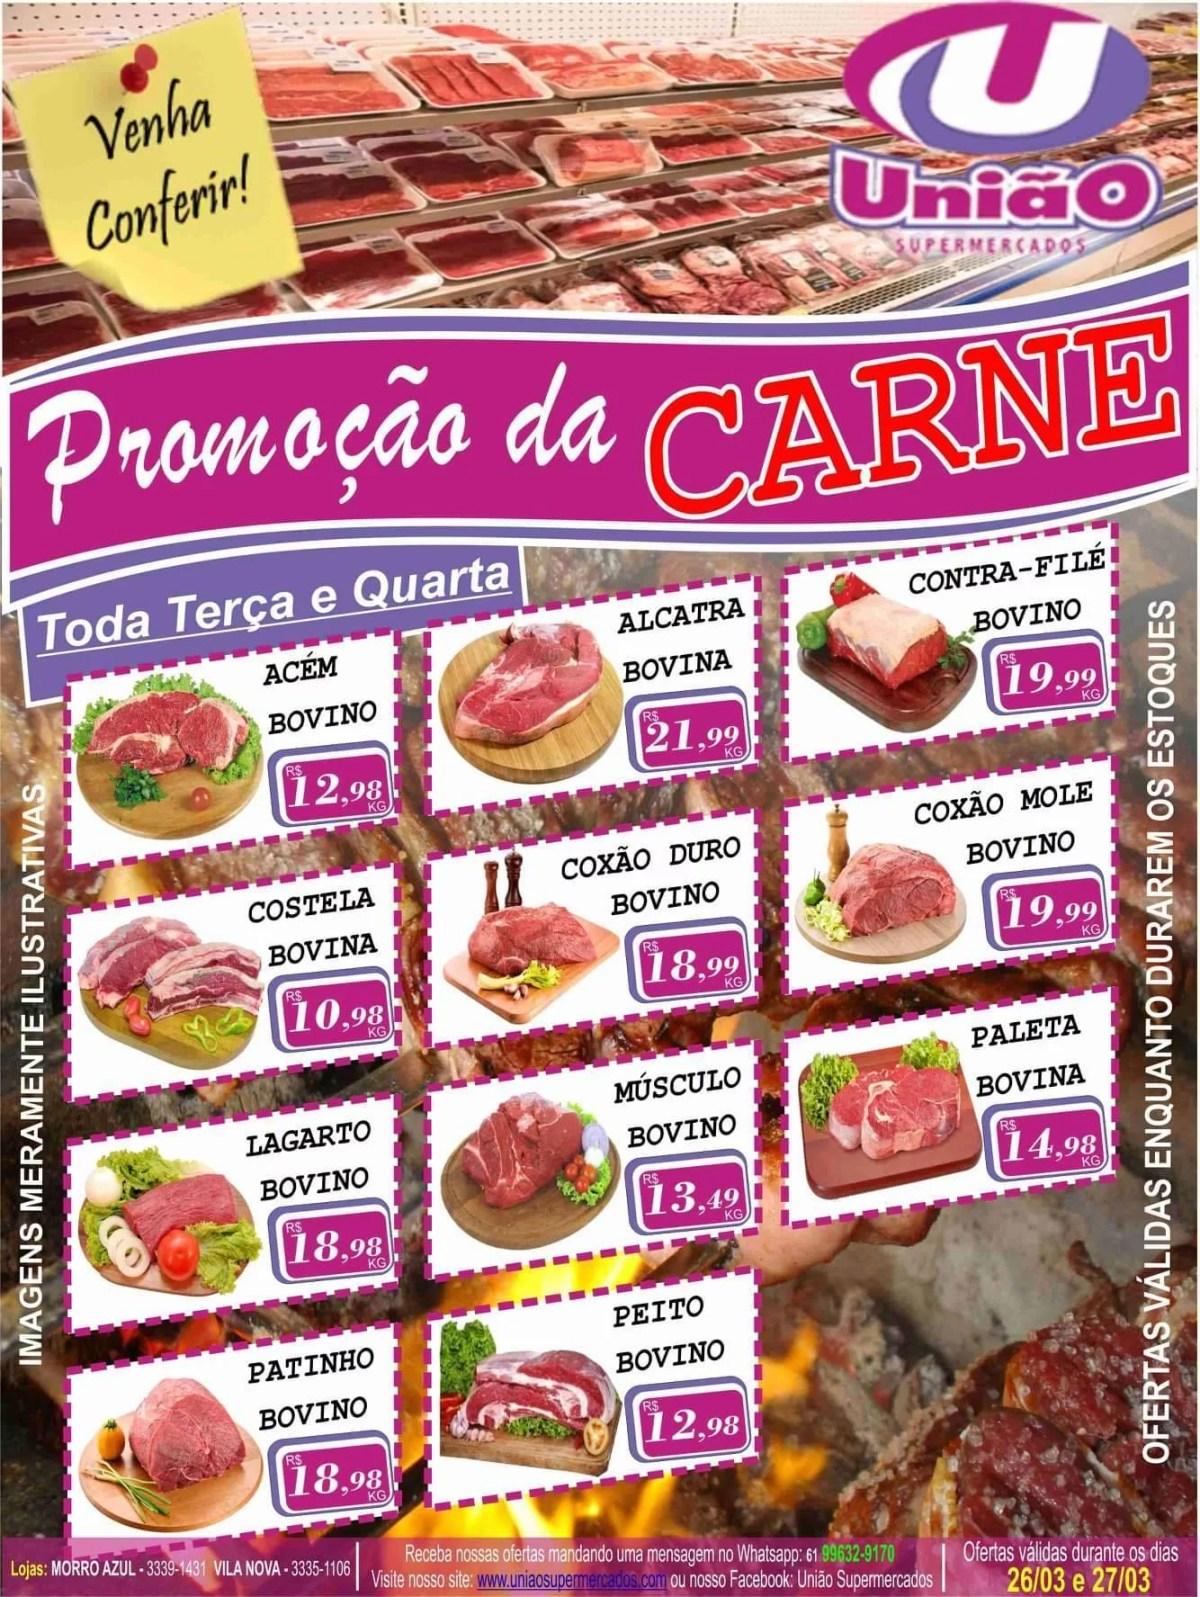 Ofertas Supermercado União85